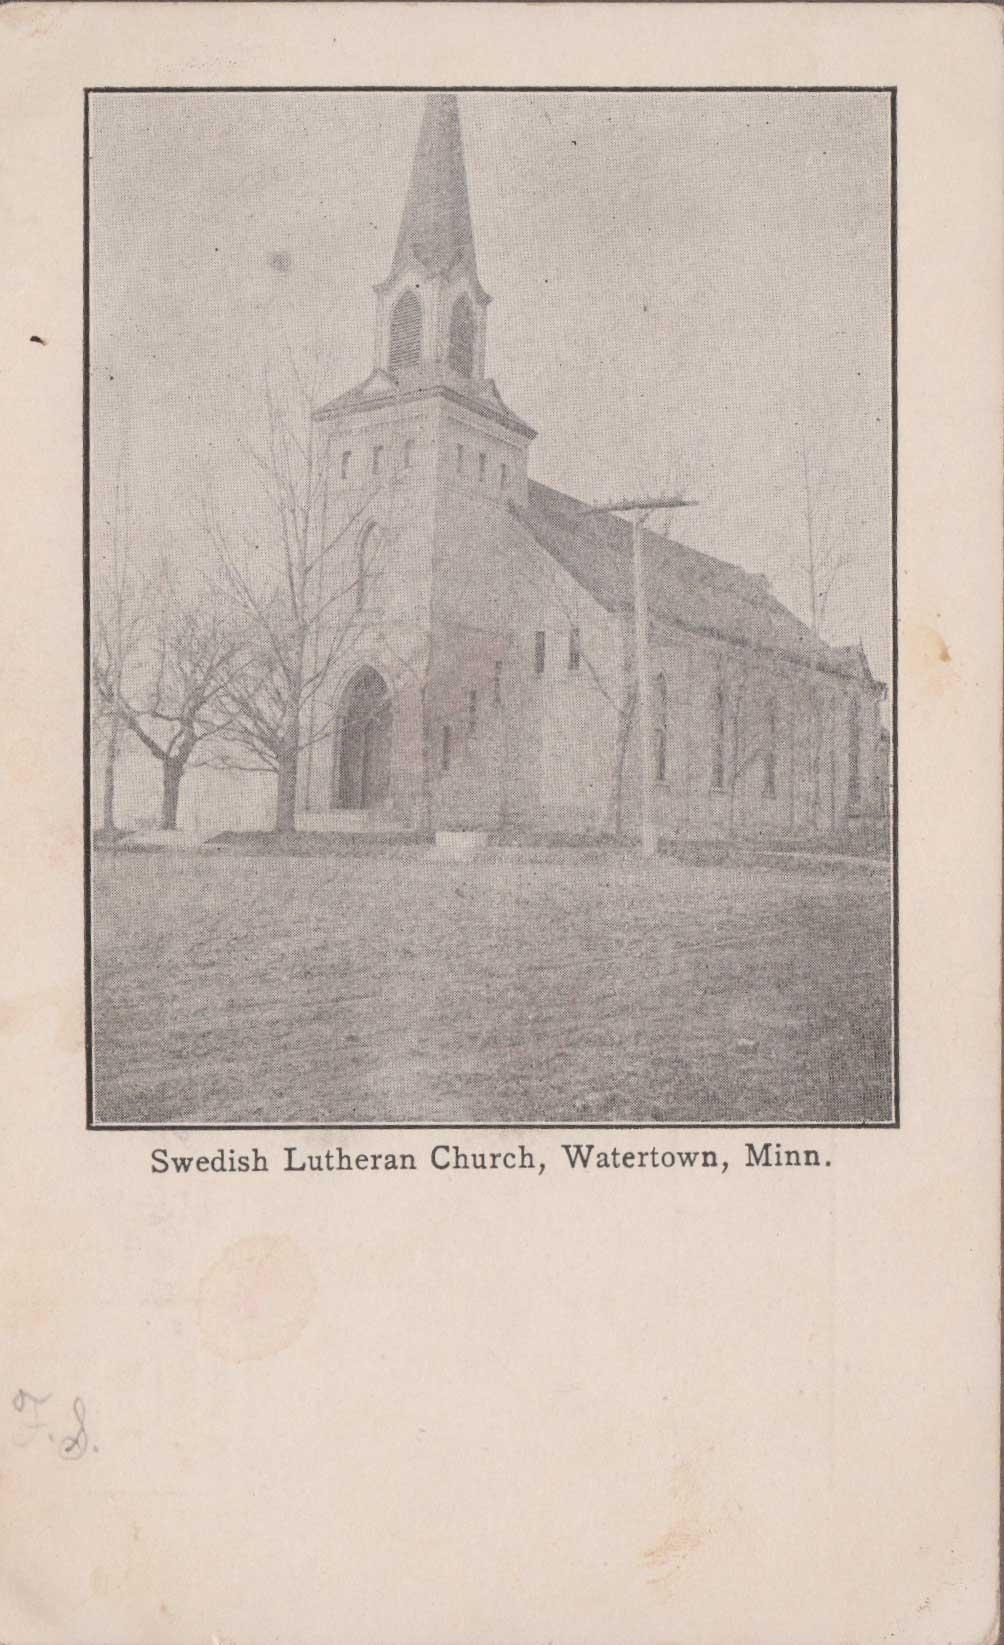 2. Swedish Lutheran Church, Watertown, MN